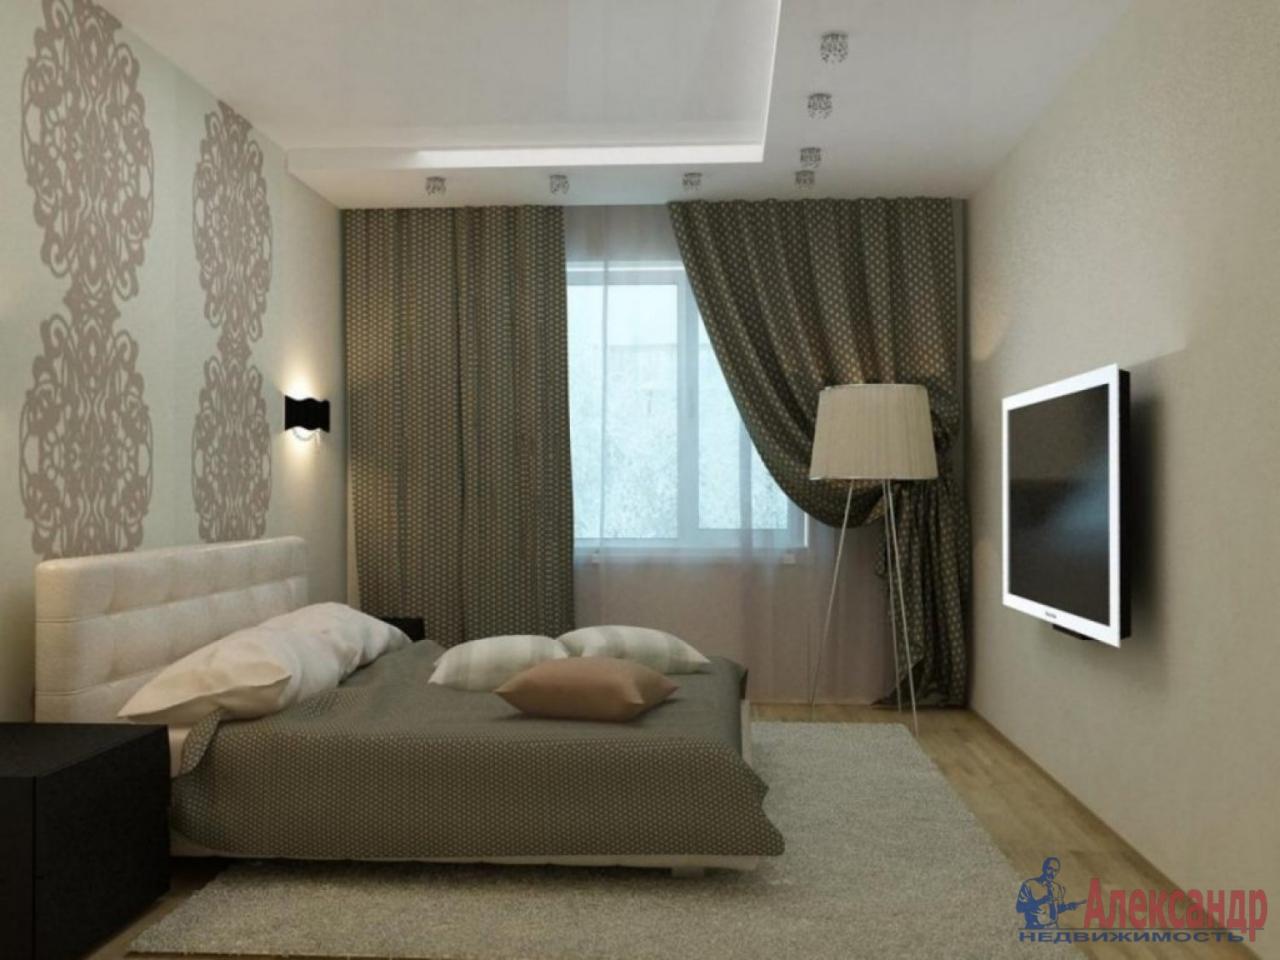 2-комнатная квартира (56м2) в аренду по адресу Типанова ул., 27— фото 3 из 4